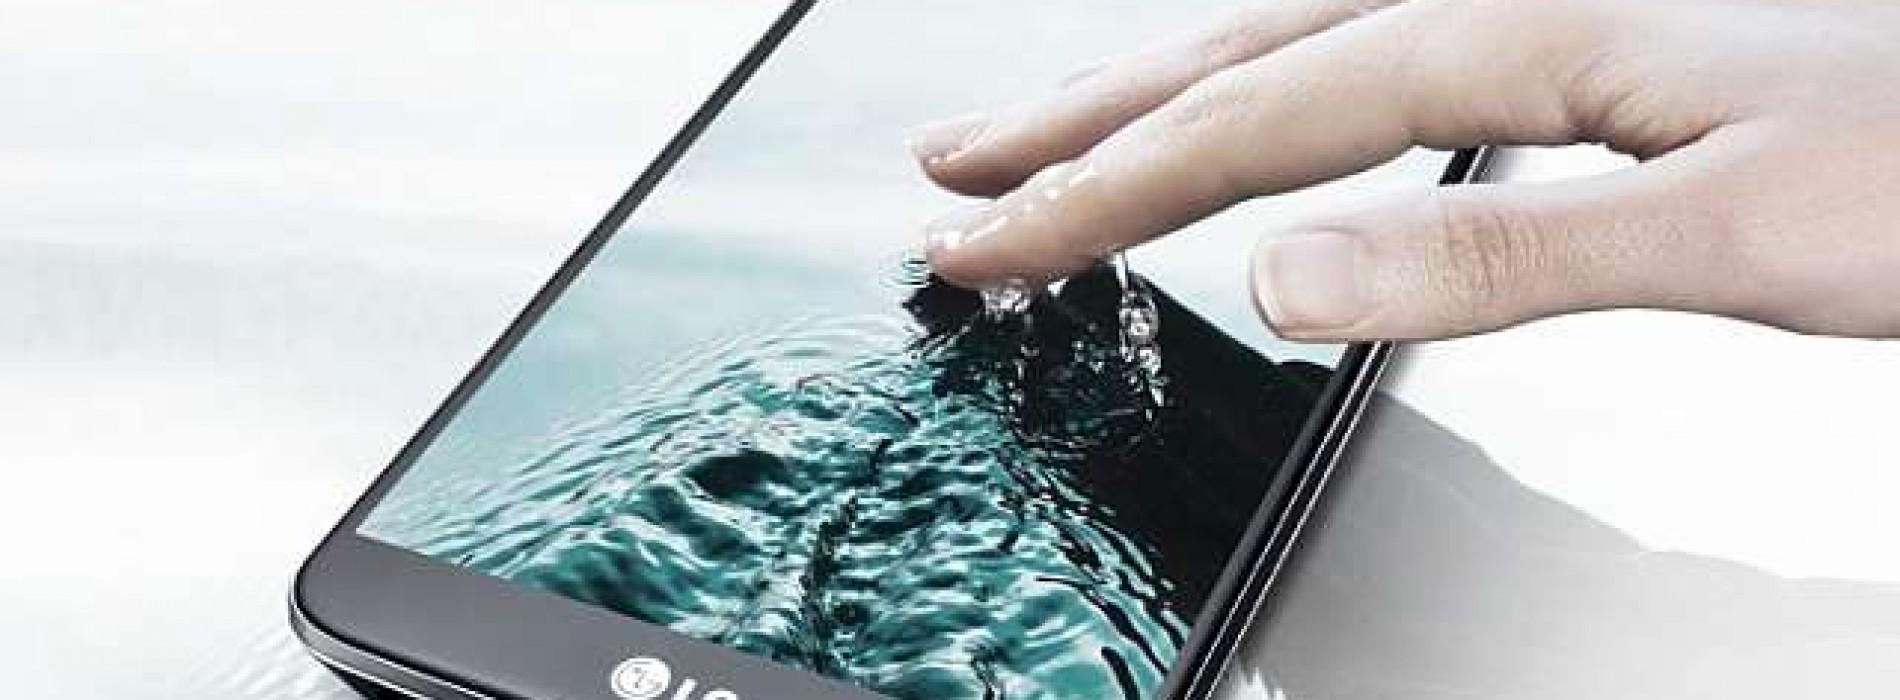 LG G3 specs revealed in leak on Sprints website